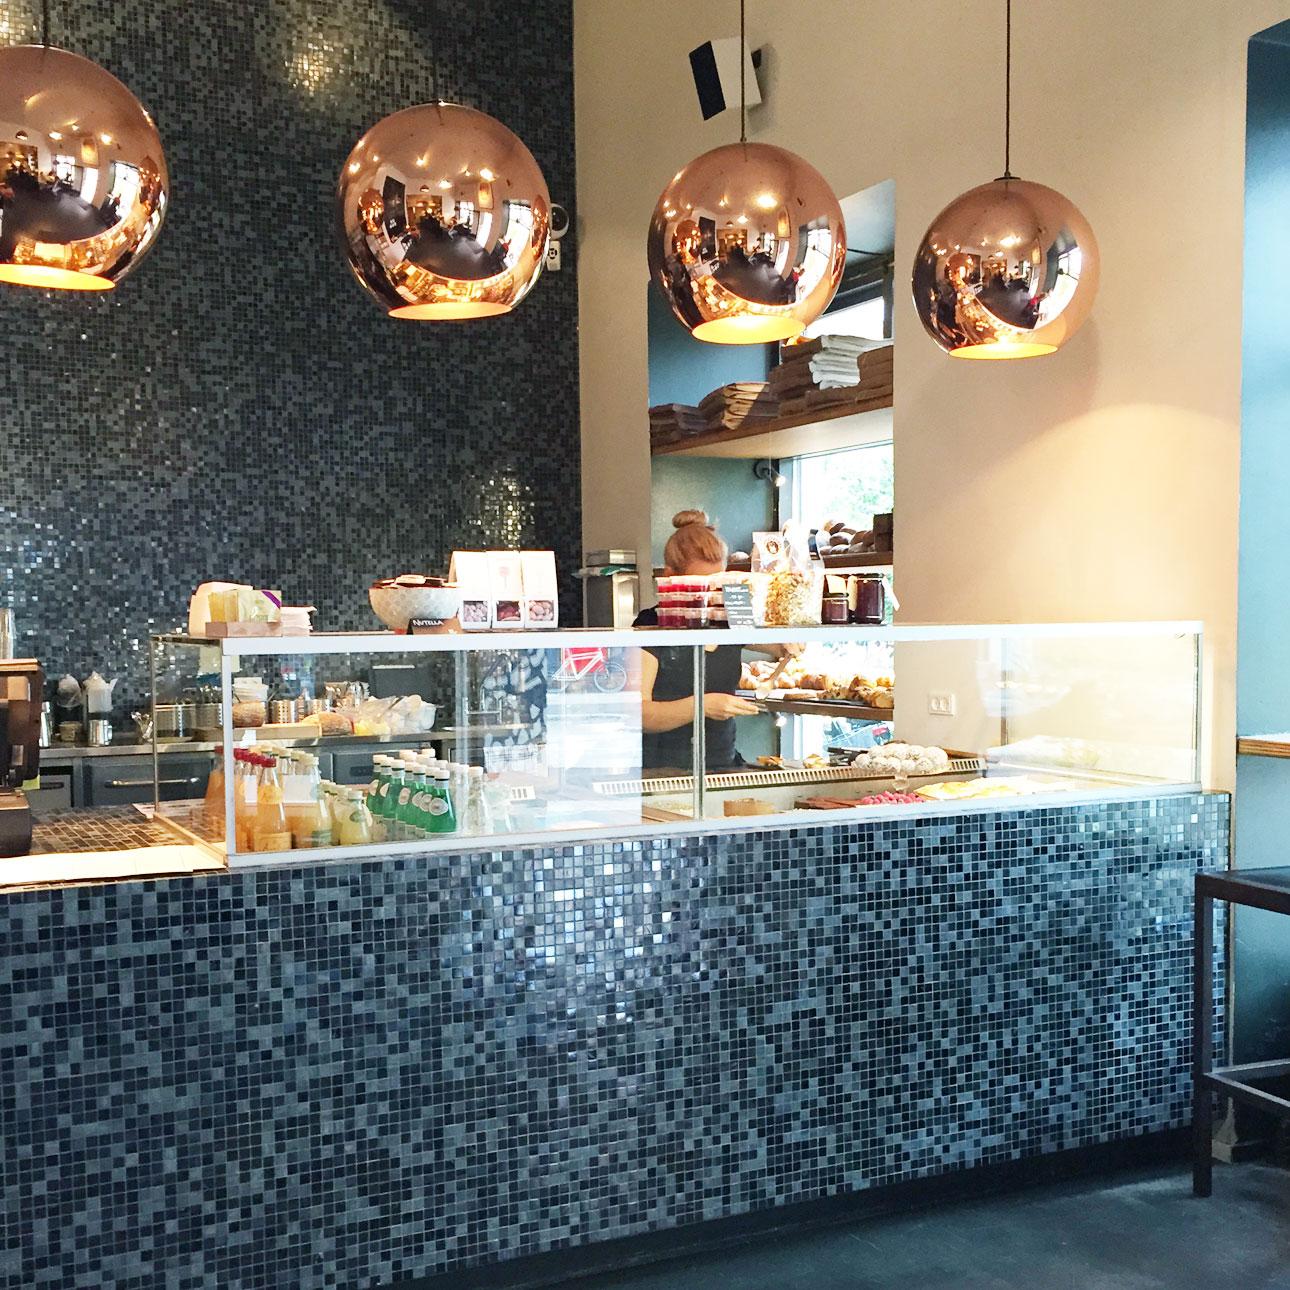 Kopenhagen hotspots foodshop 26